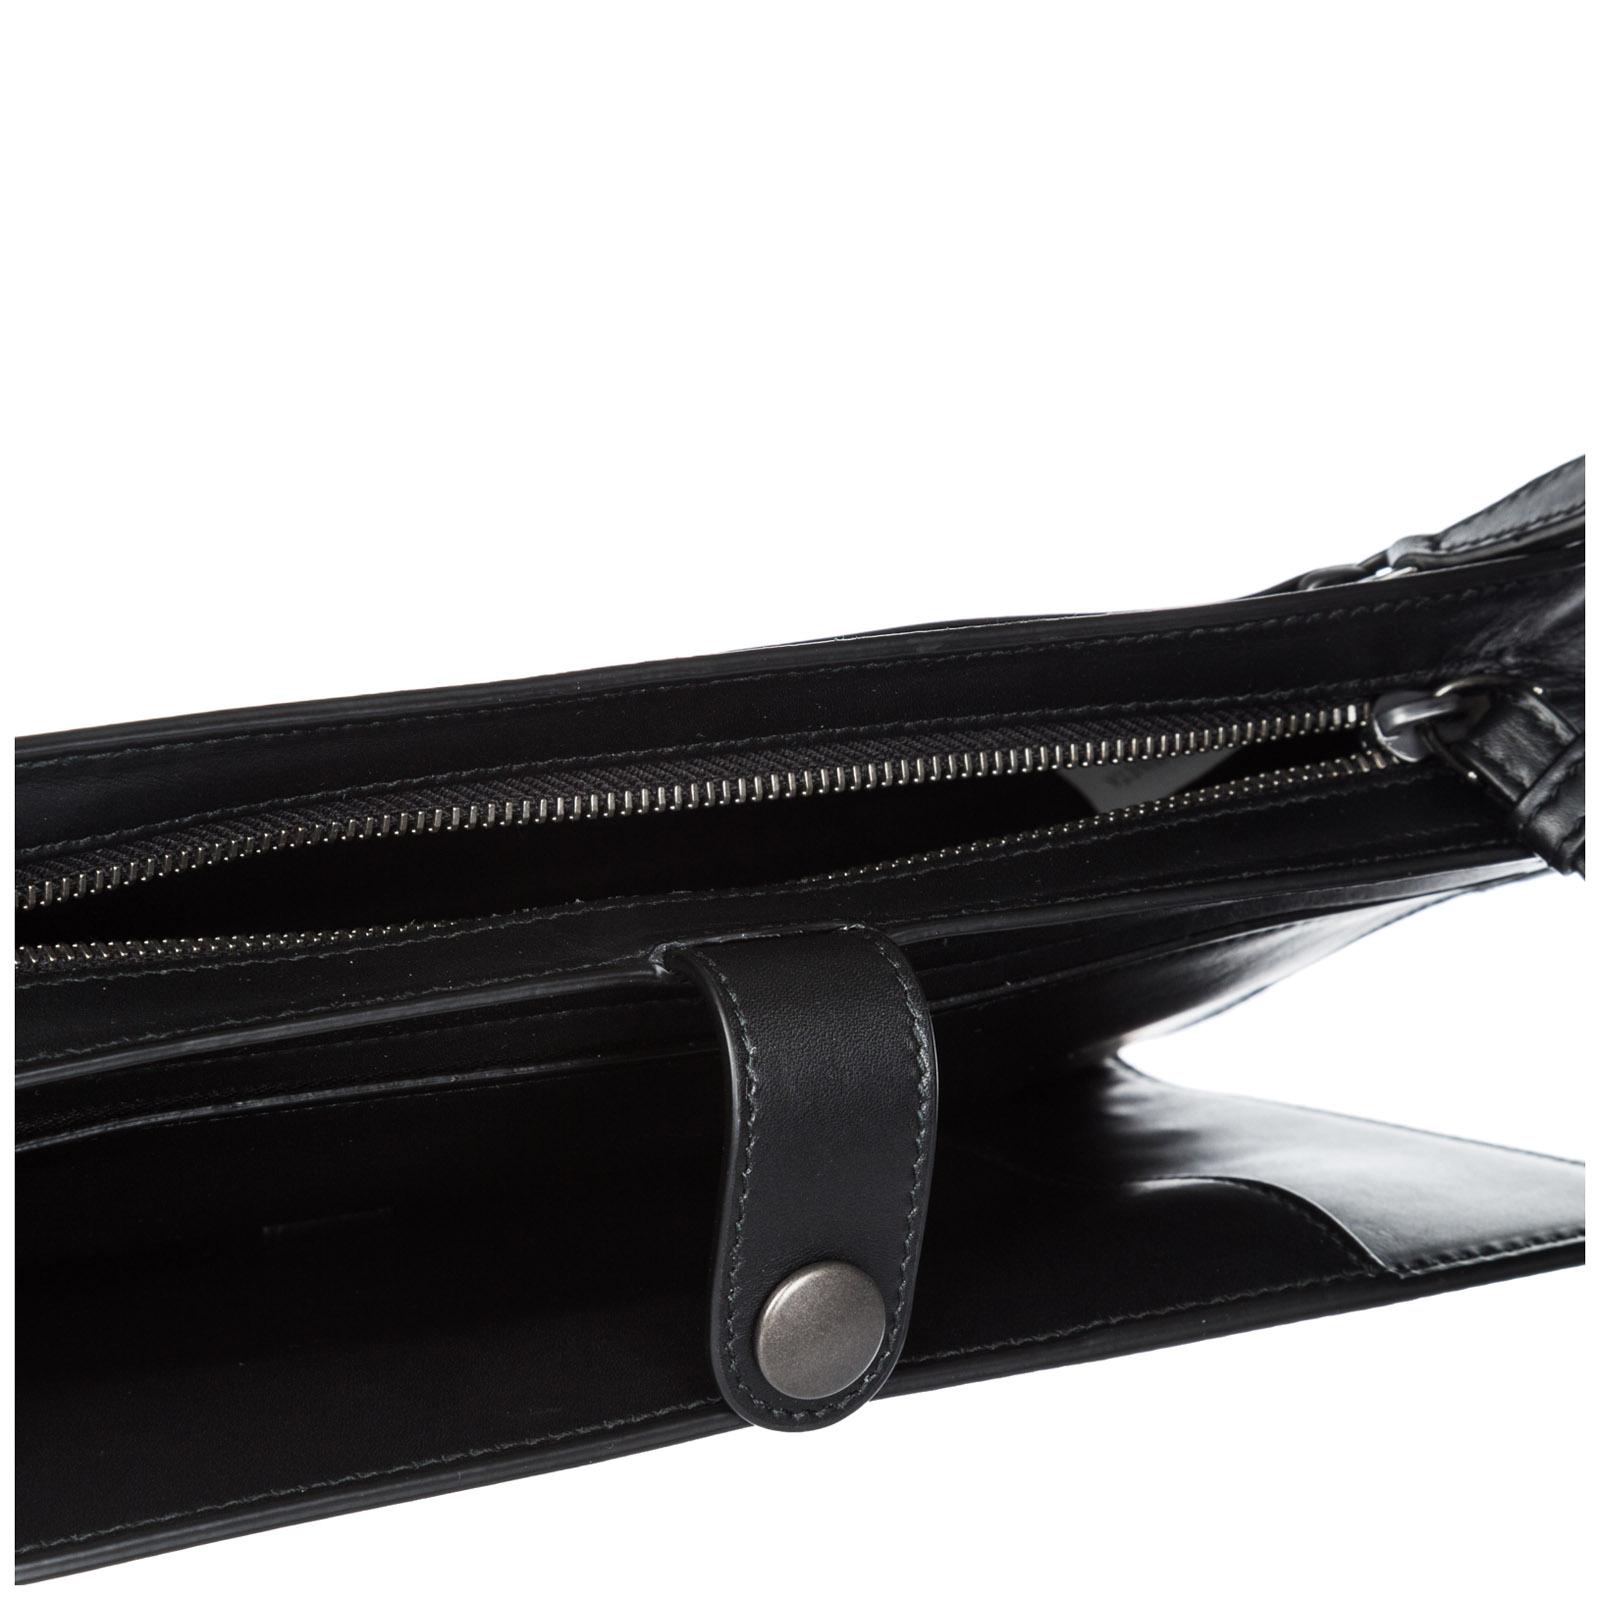 Men's leather travel document case holder